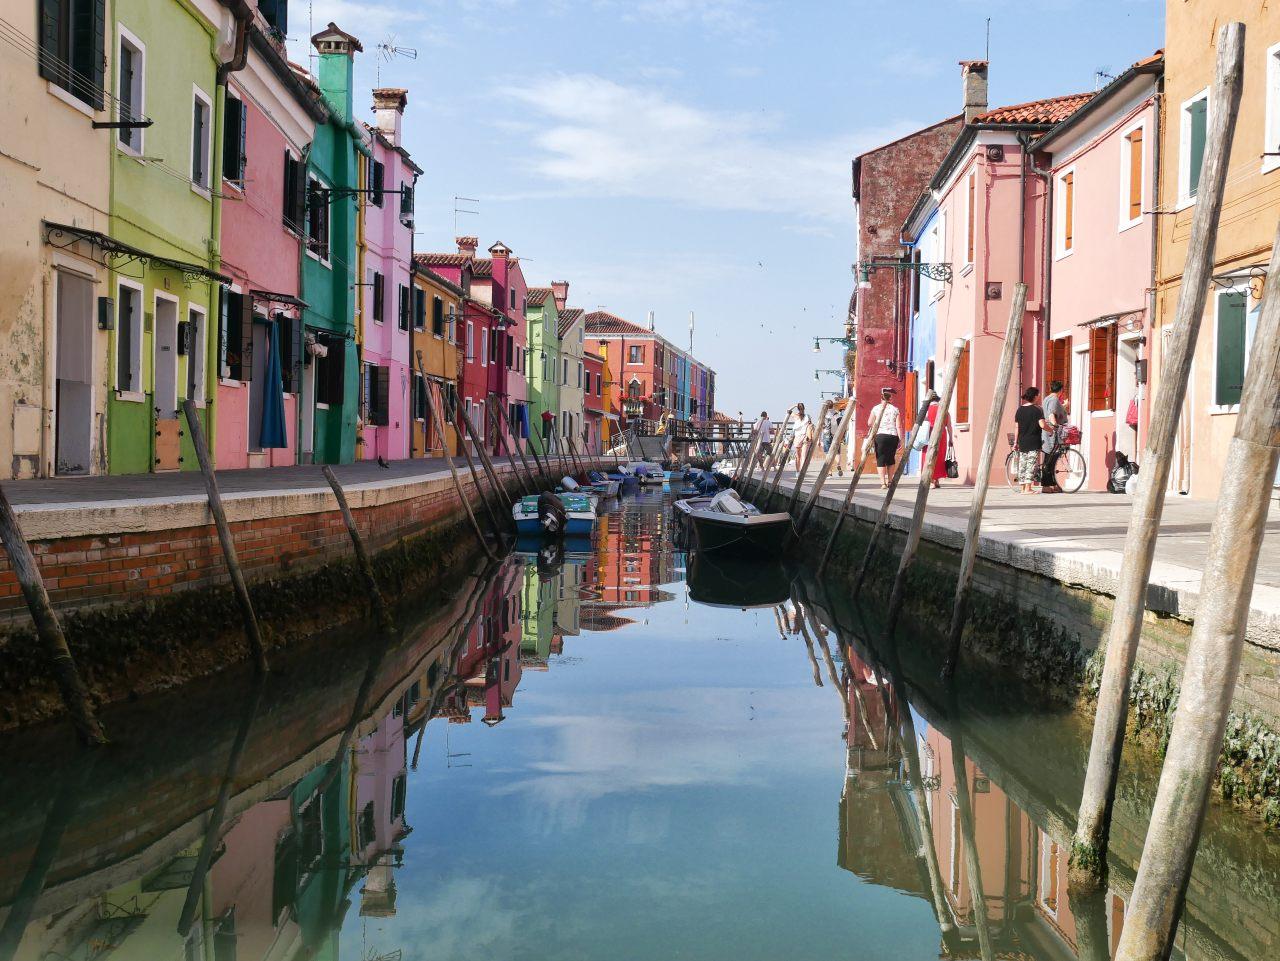 visiter venise en 2 jours: Burano